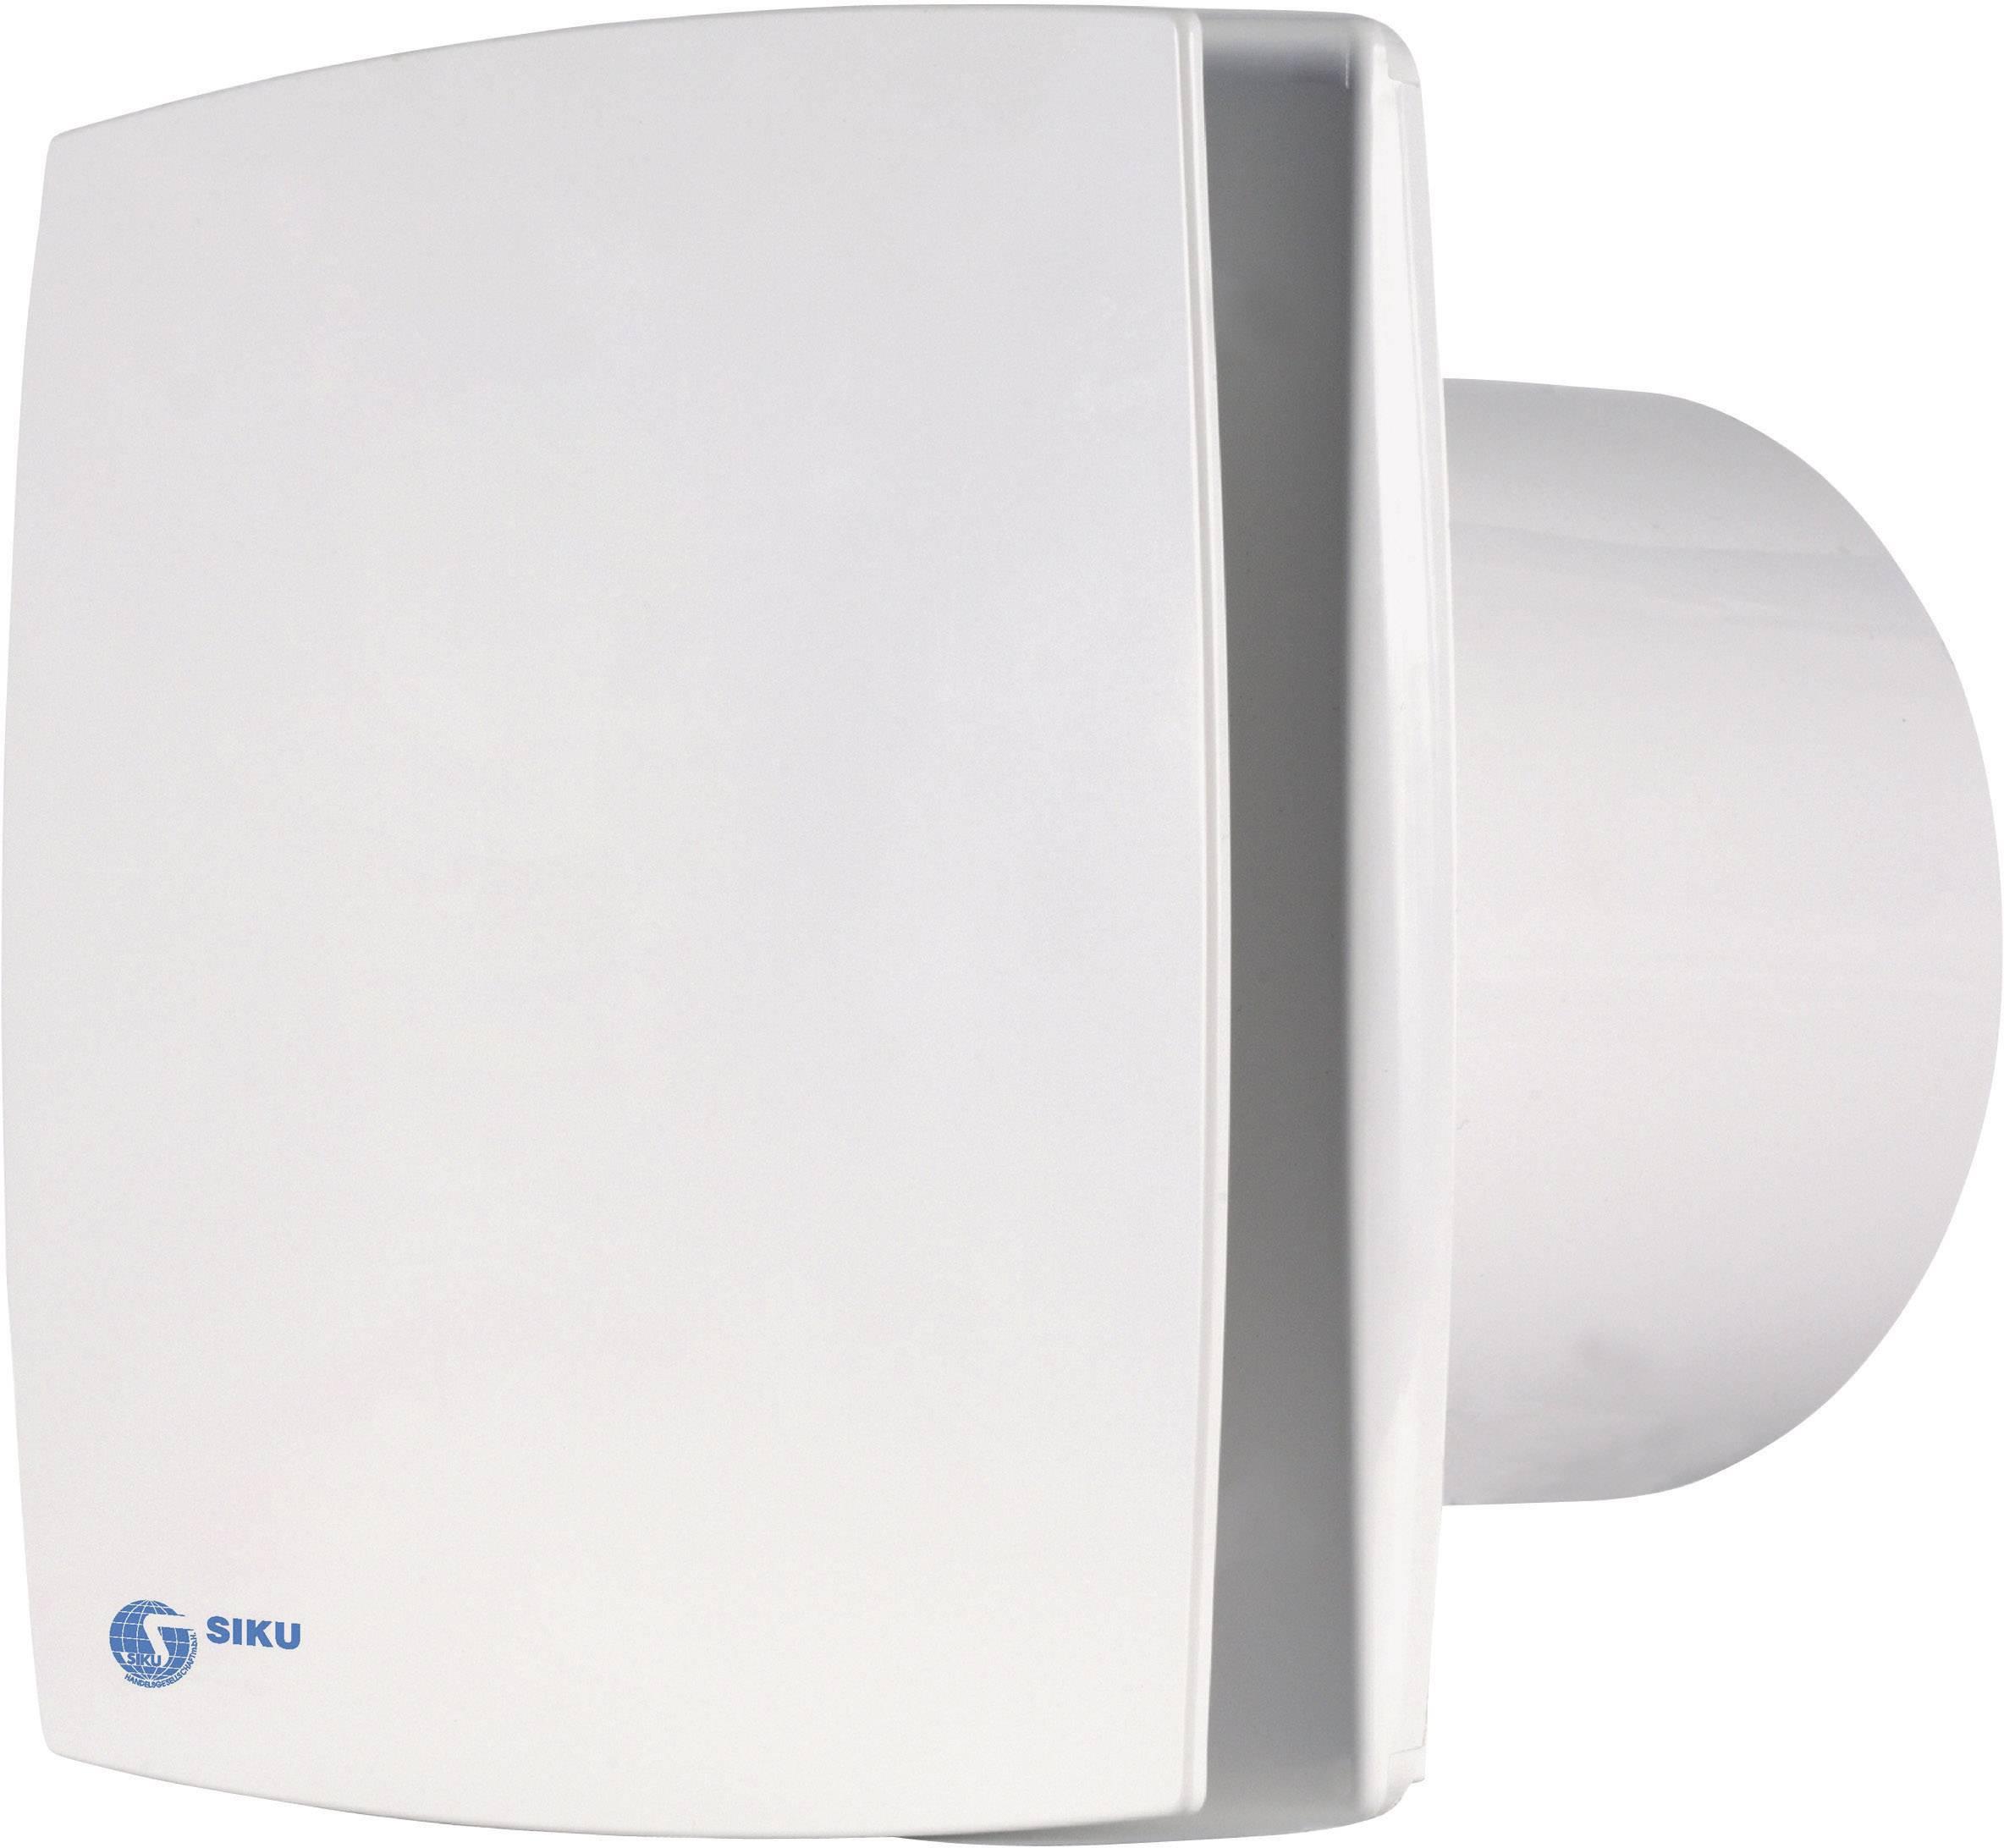 Nástenný a stropný ventilátor s časovým relé SIKU 100 LD, biely